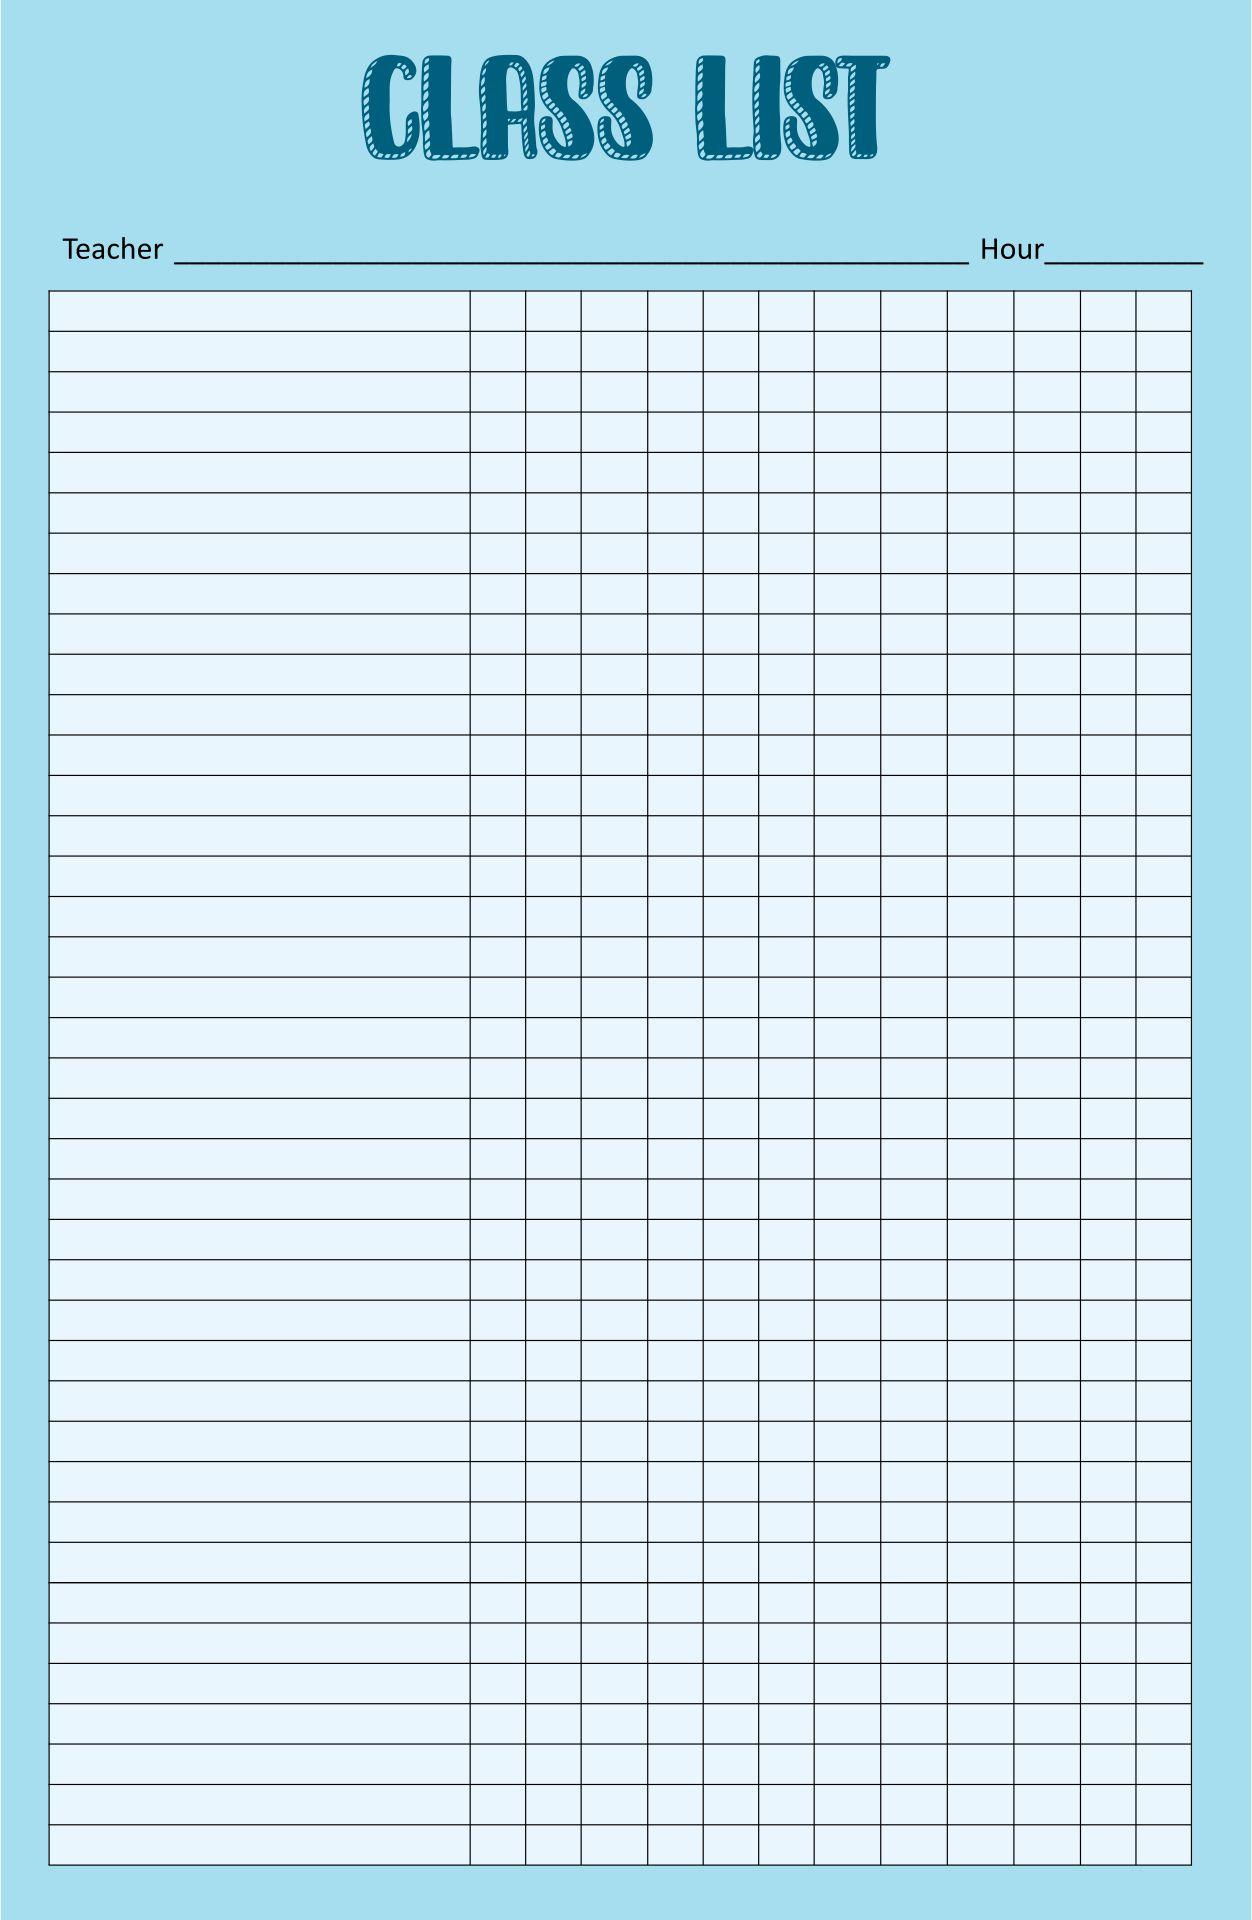 attendance sheet templates best attendance inspireyourself shop 1 – Free Roster Template